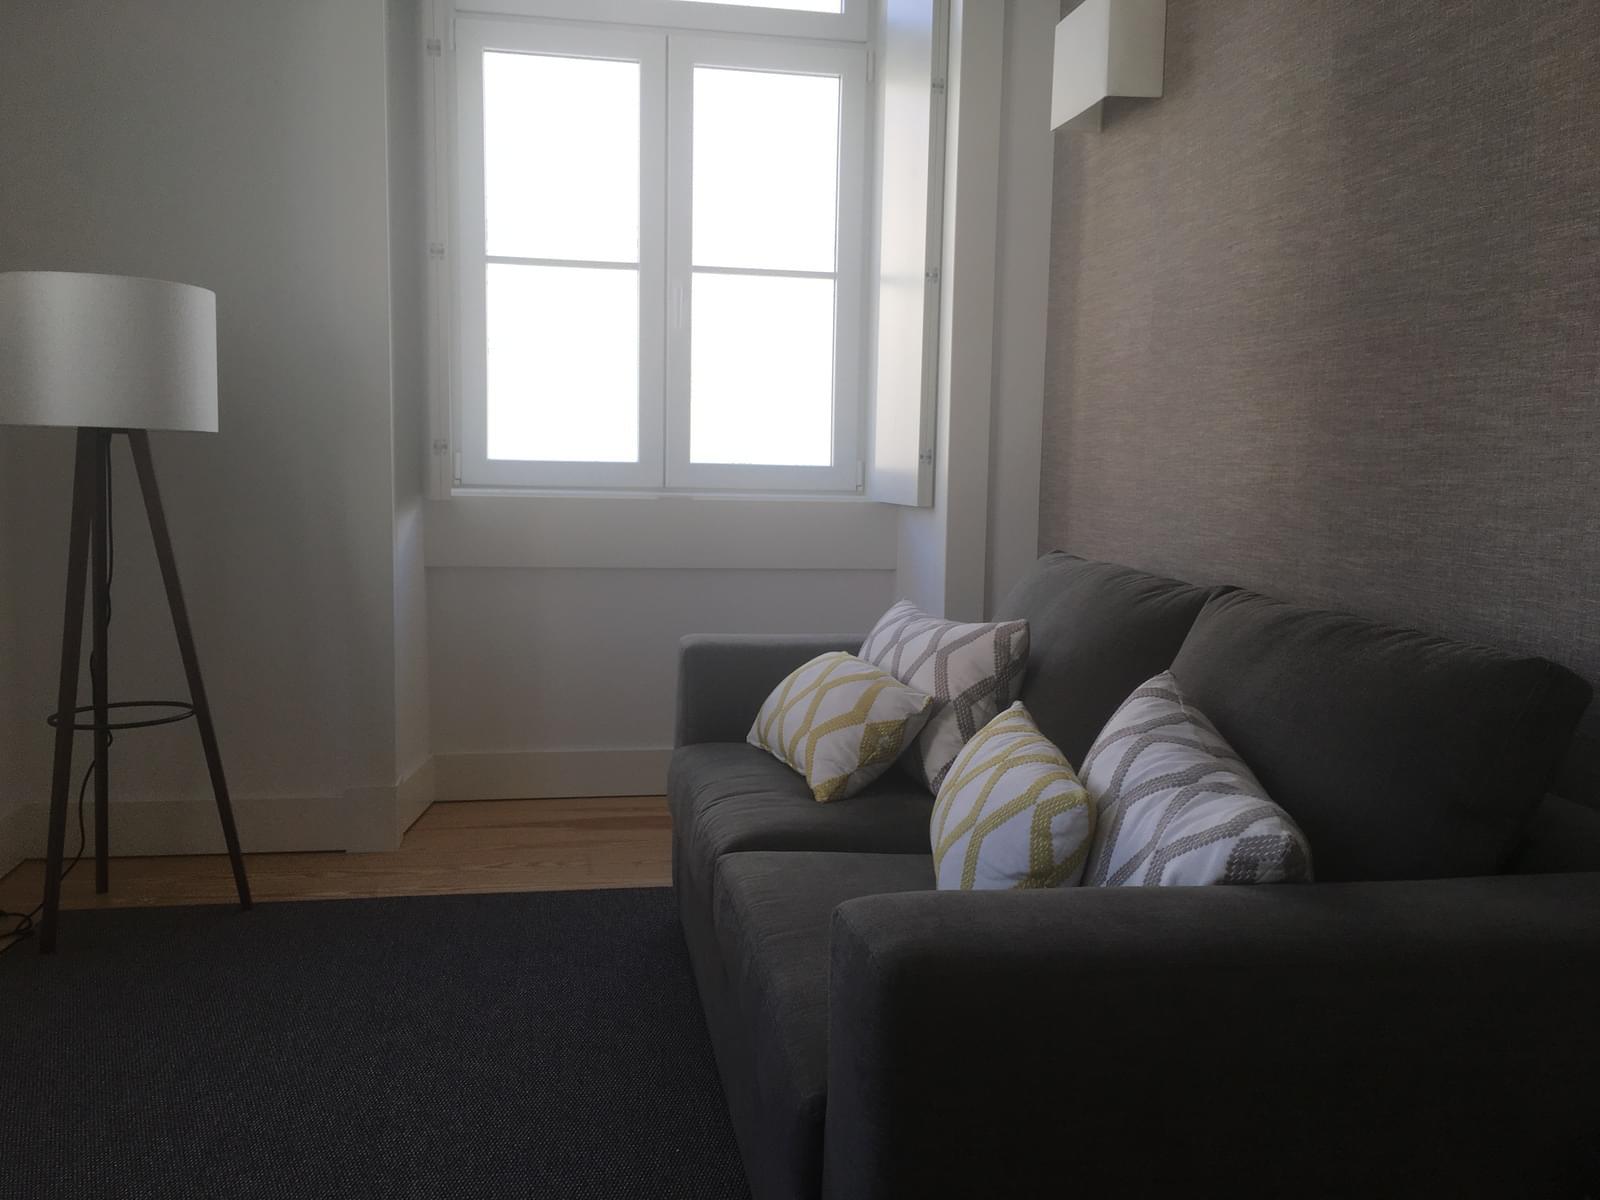 pf17866-apartamento-t1-lisboa-029b2158-9dc8-4484-a33c-74ea1bedc0a7